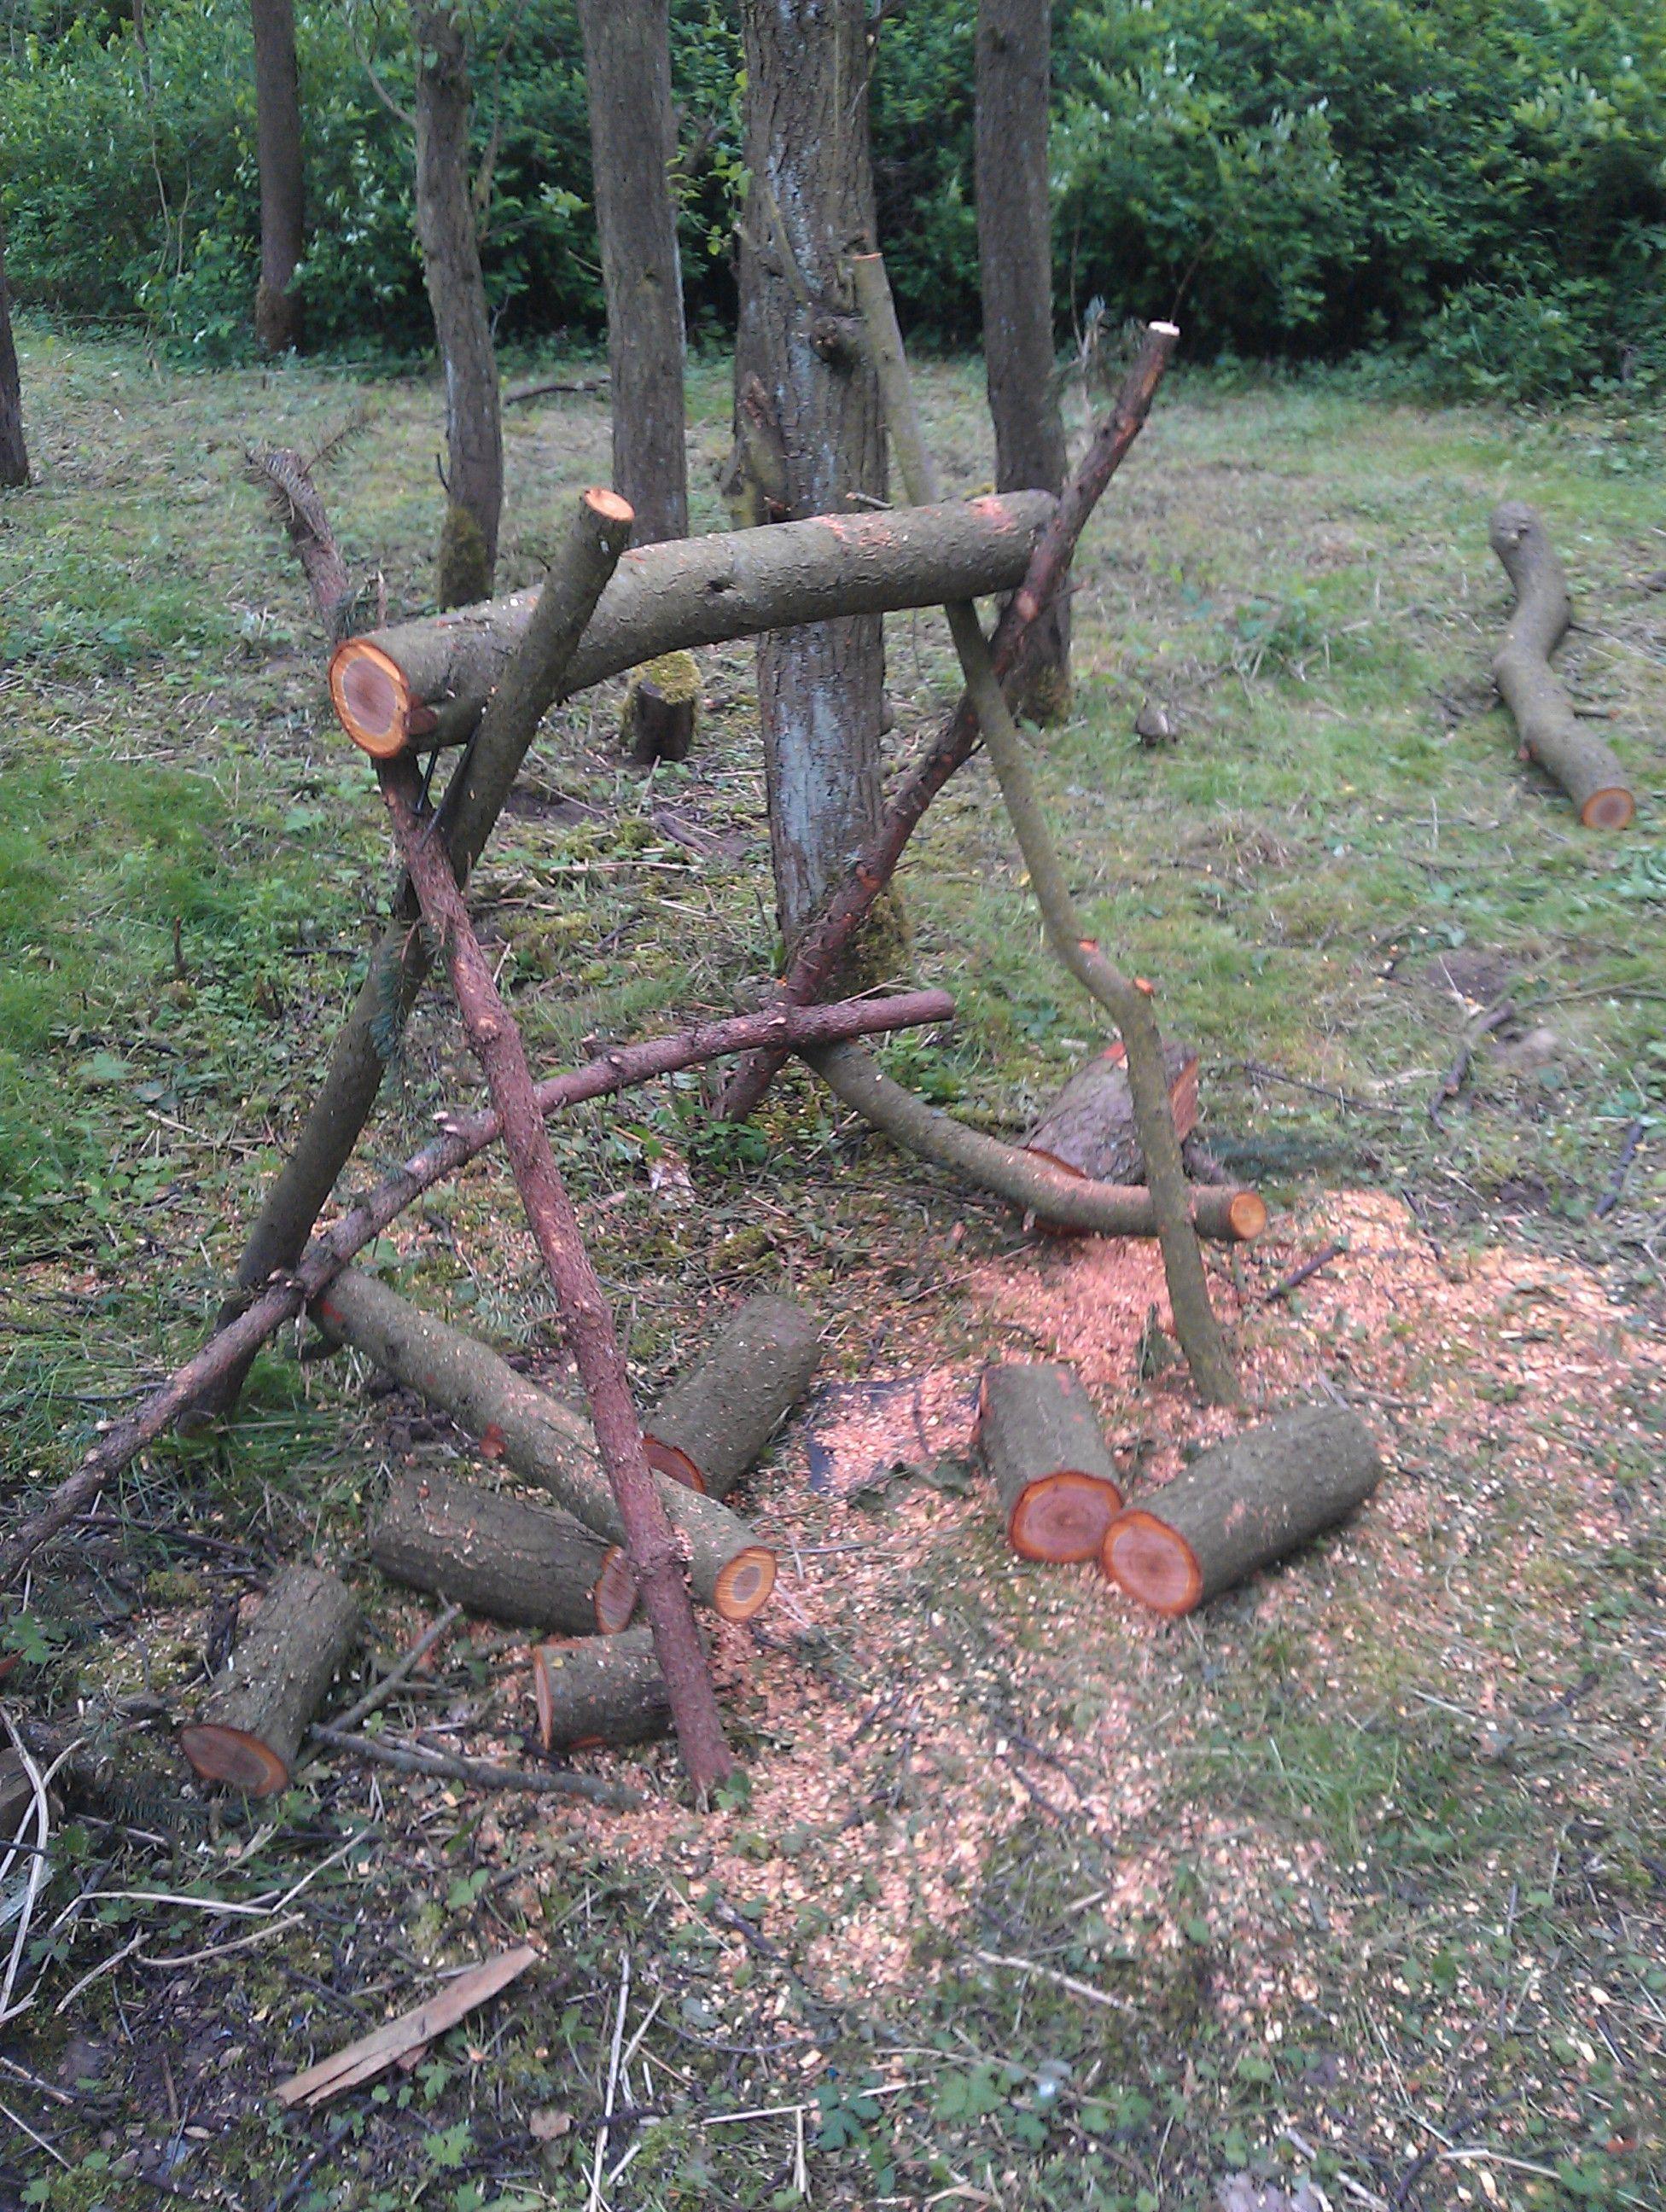 sägebock bauen bauanleitung zum selber bauen | heimwerker-forum